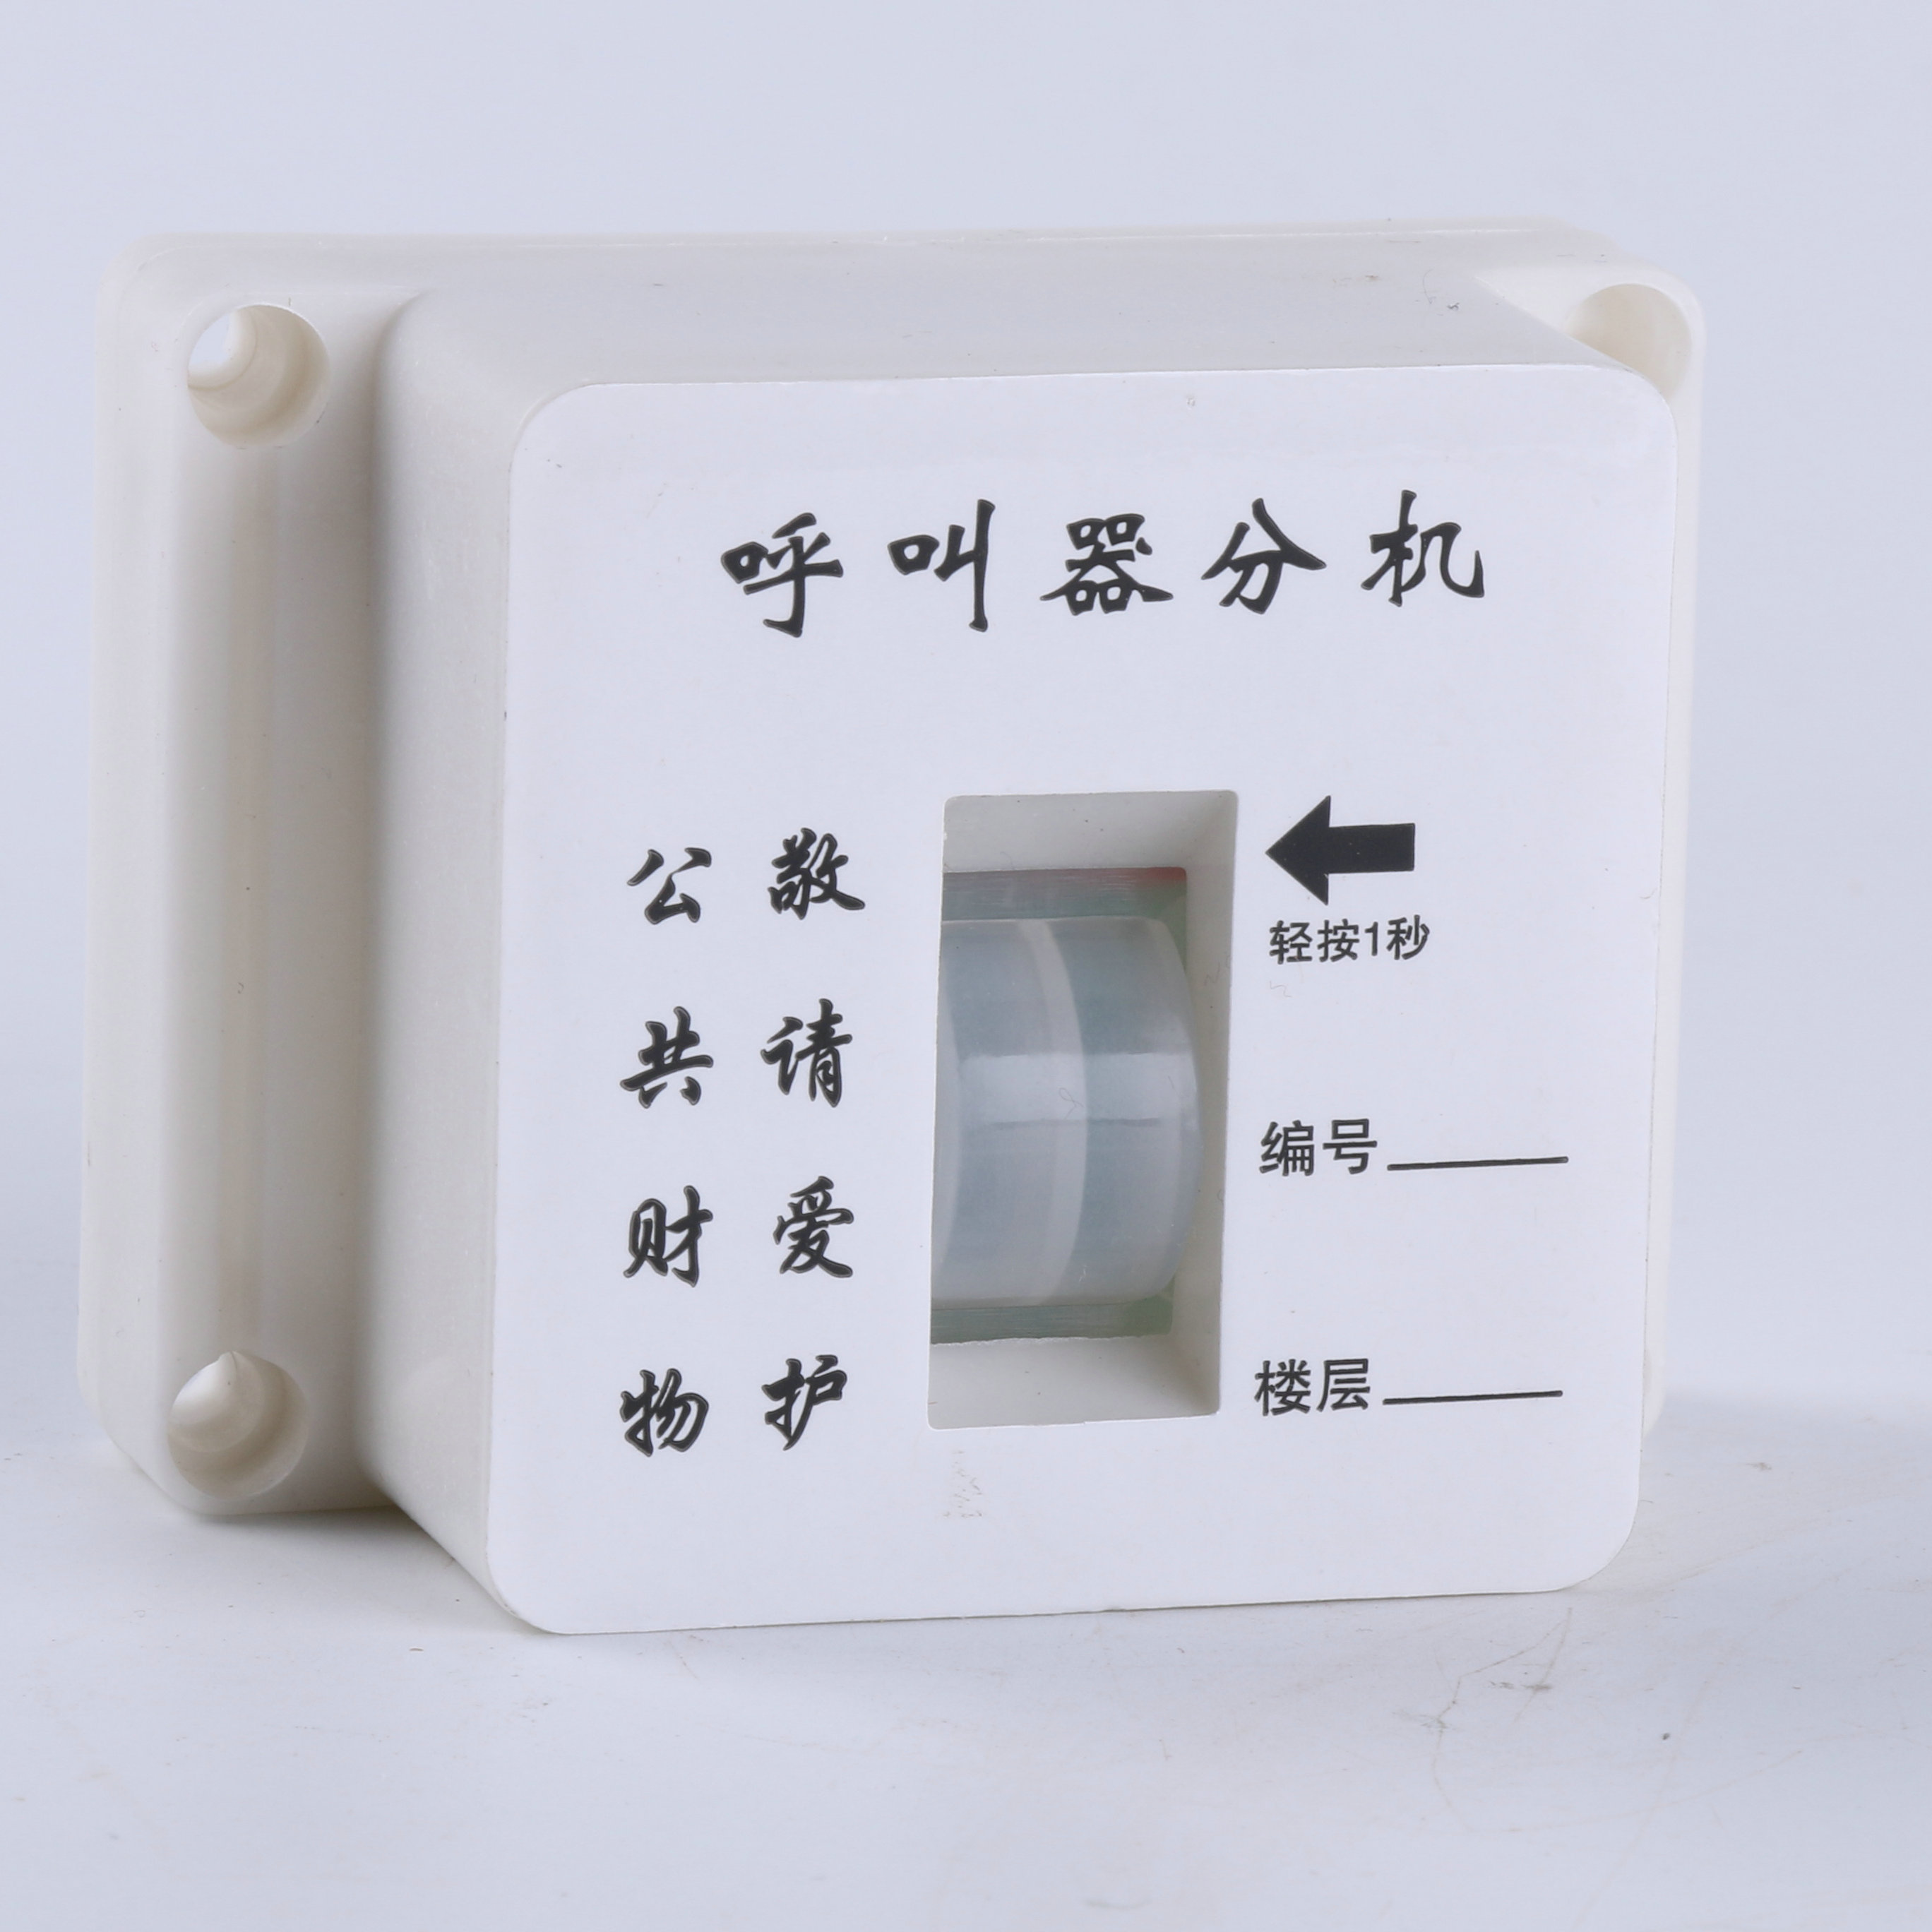 得实DT230 热敏头 打印头 主板 自动切纸刀 配件 裁纸